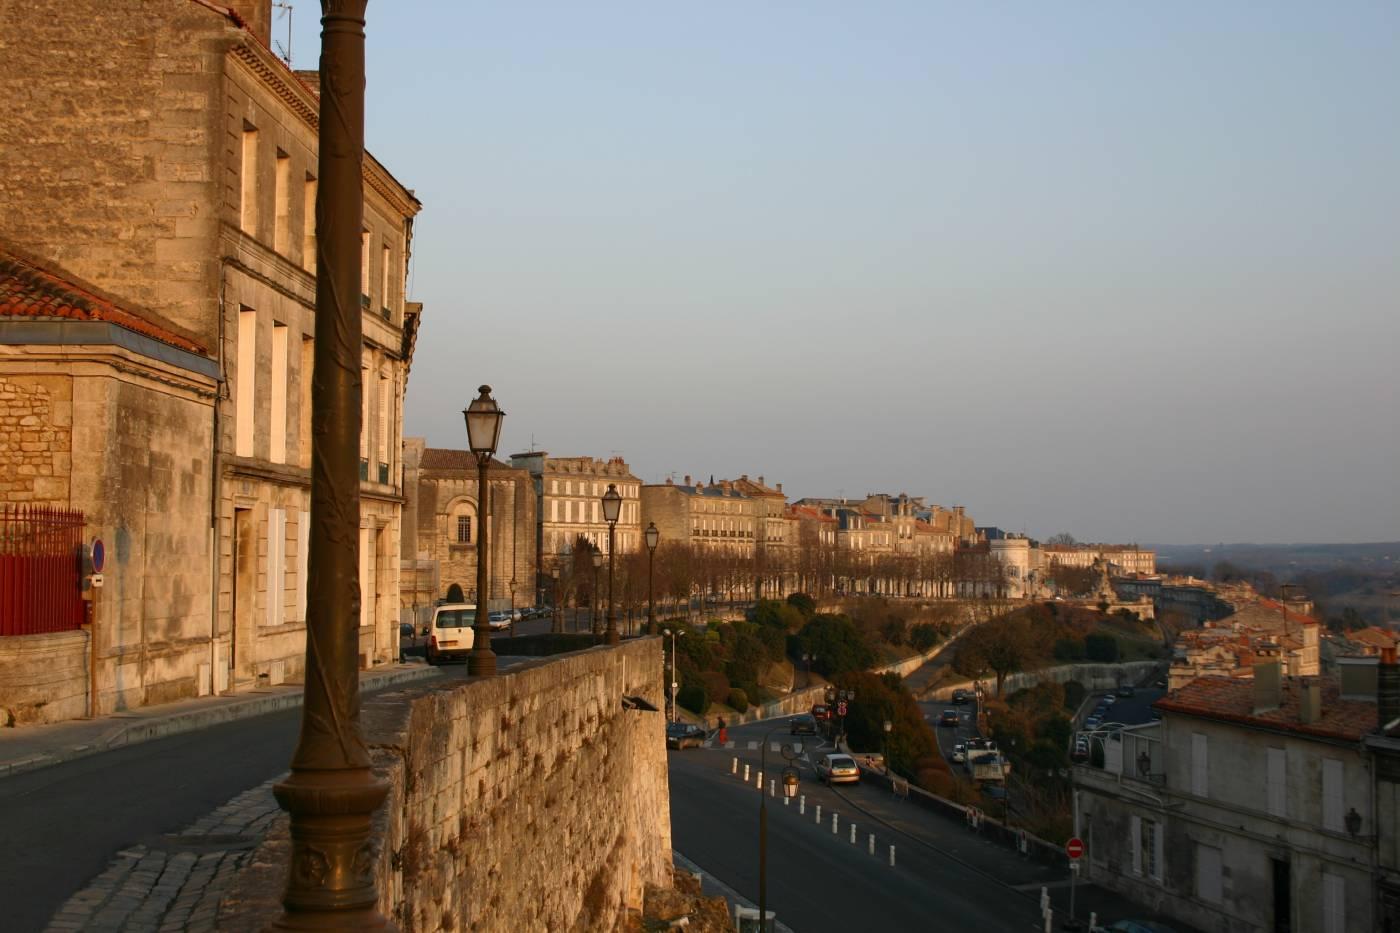 Visiter Angouleme Ses Environs #8: Angoulême Depuis Les Remparts